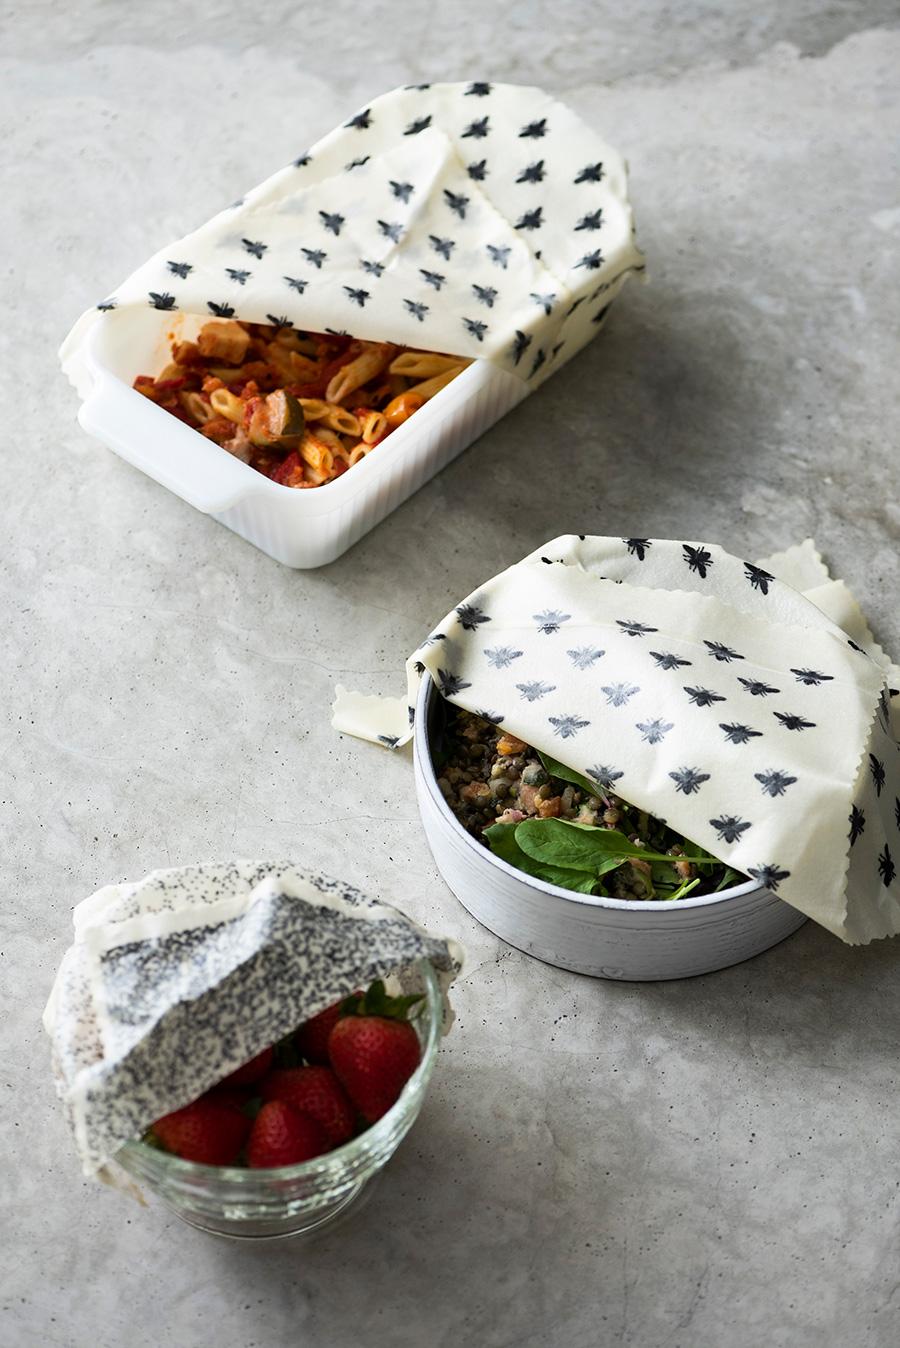 オーブンディッシュ、陶器の器、ガラスボウルなど、あらゆる器を覆うことができる。 モノトーンのハチ柄で統一すればシックでモダンな雰囲気に。